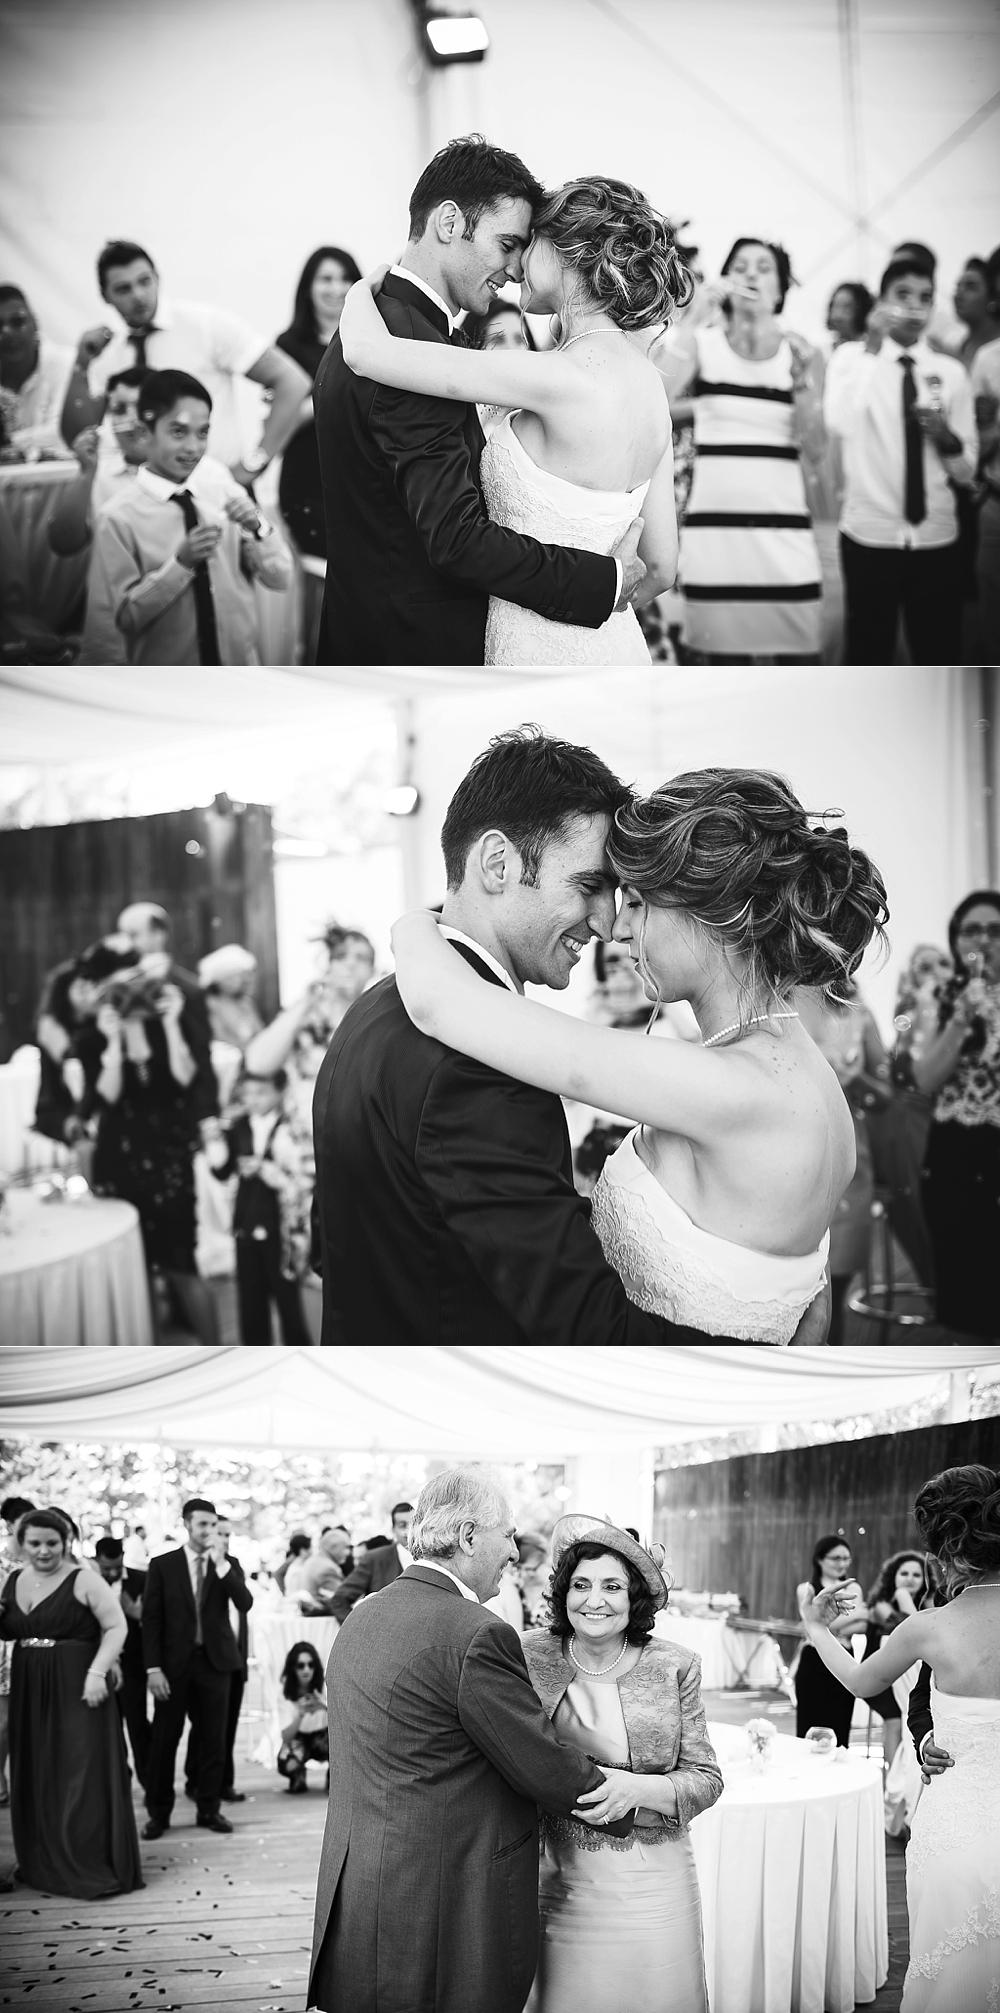 Gozo Wedding - Wedding Photography - Shane P. Watts Photography